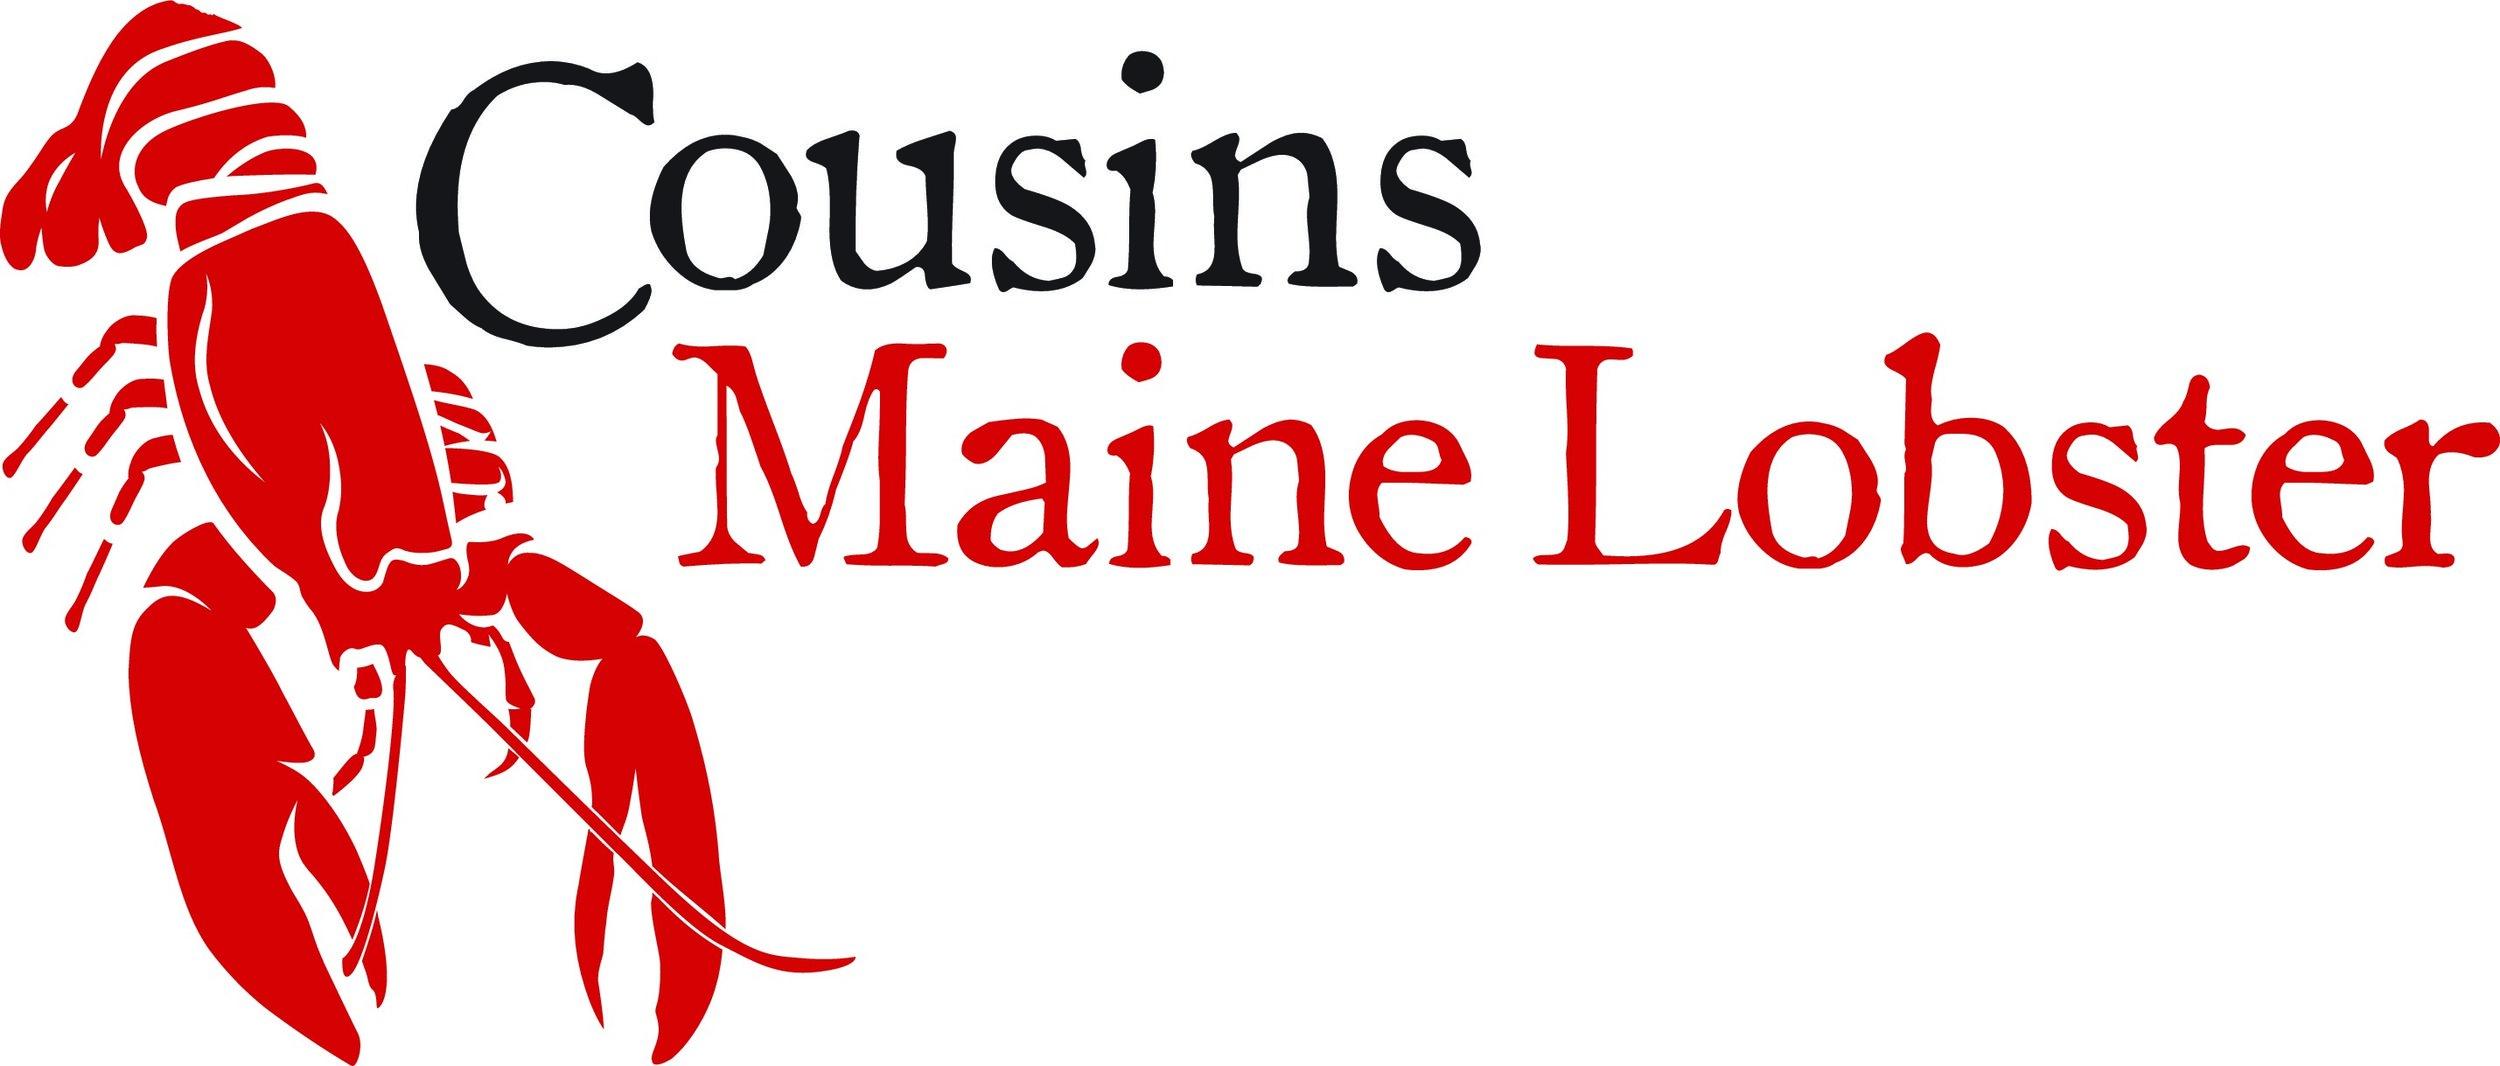 CML_Logo_RedBlack.jpg